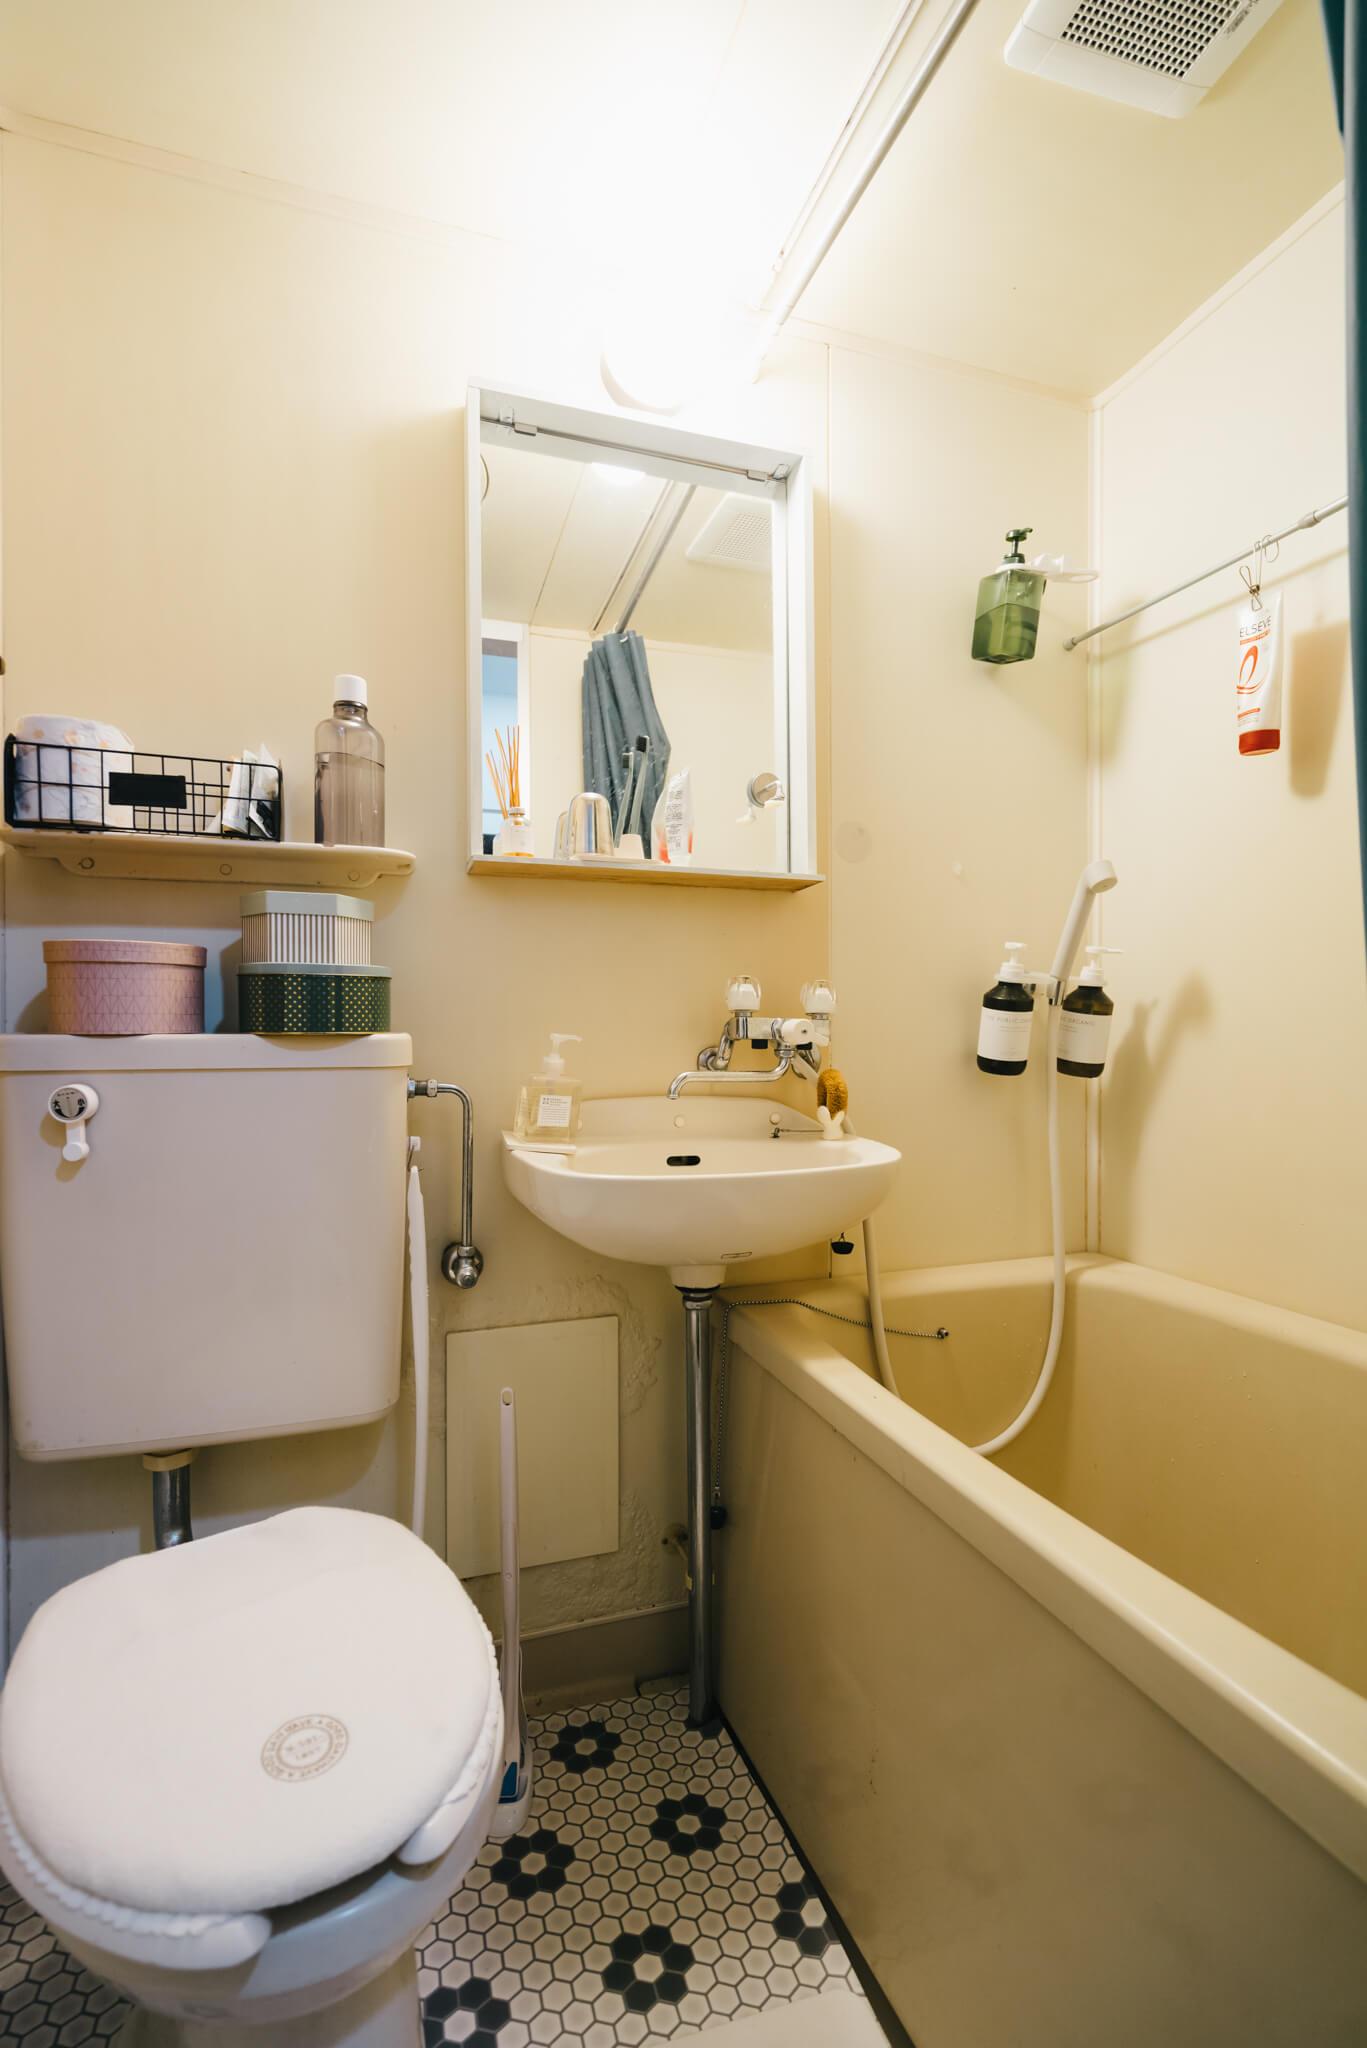 女性であれば、トイレがそれほど汚れることはないので、3点ユニットバスでも工夫して暮らしている方もたくさんいらっしゃいますよ(このお部屋はこちら)